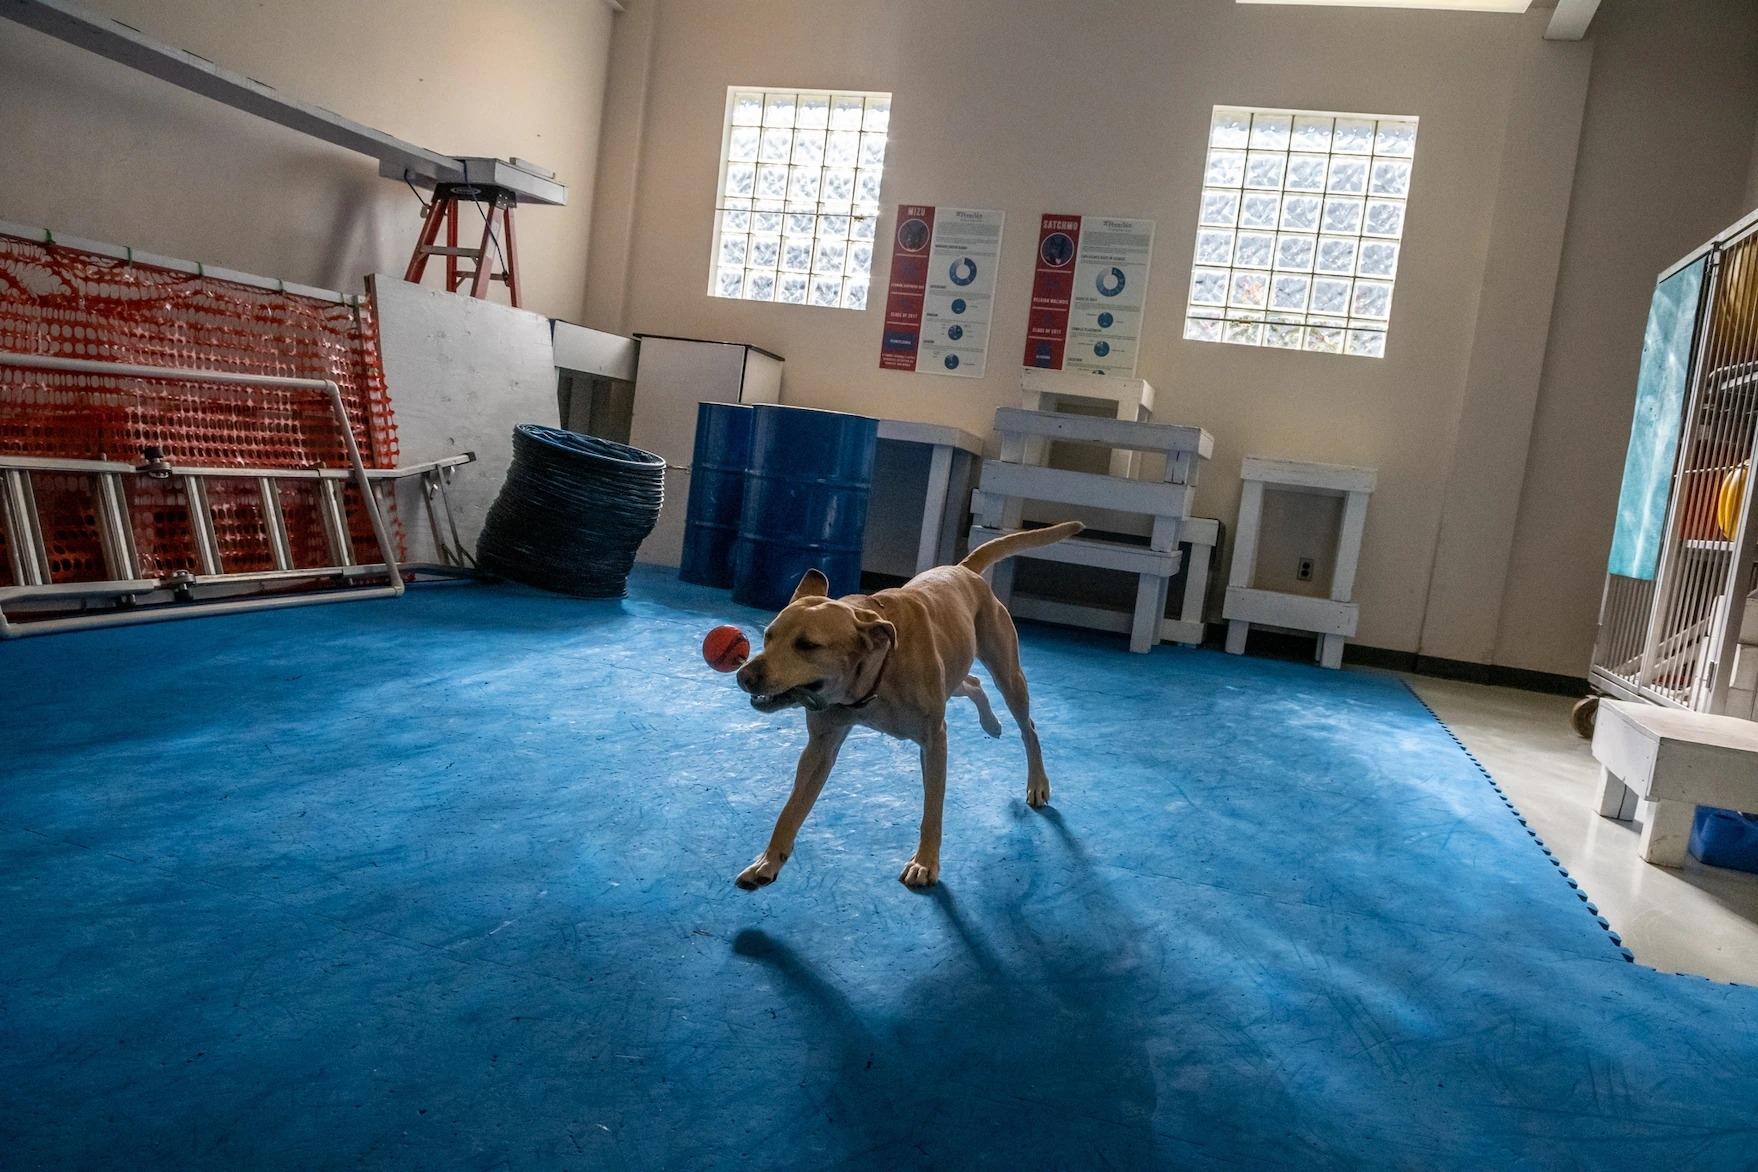 羅克西是一隻容易緊張的黃色拉布拉多犬,牠在開始實驗前玩耍。工作犬中心的博士後研究員阿米塔.馬利卡瓊(Amritha Mallikarjun)說:「牠做實驗前必須先玩耍,因為牠的活力太旺盛了。」